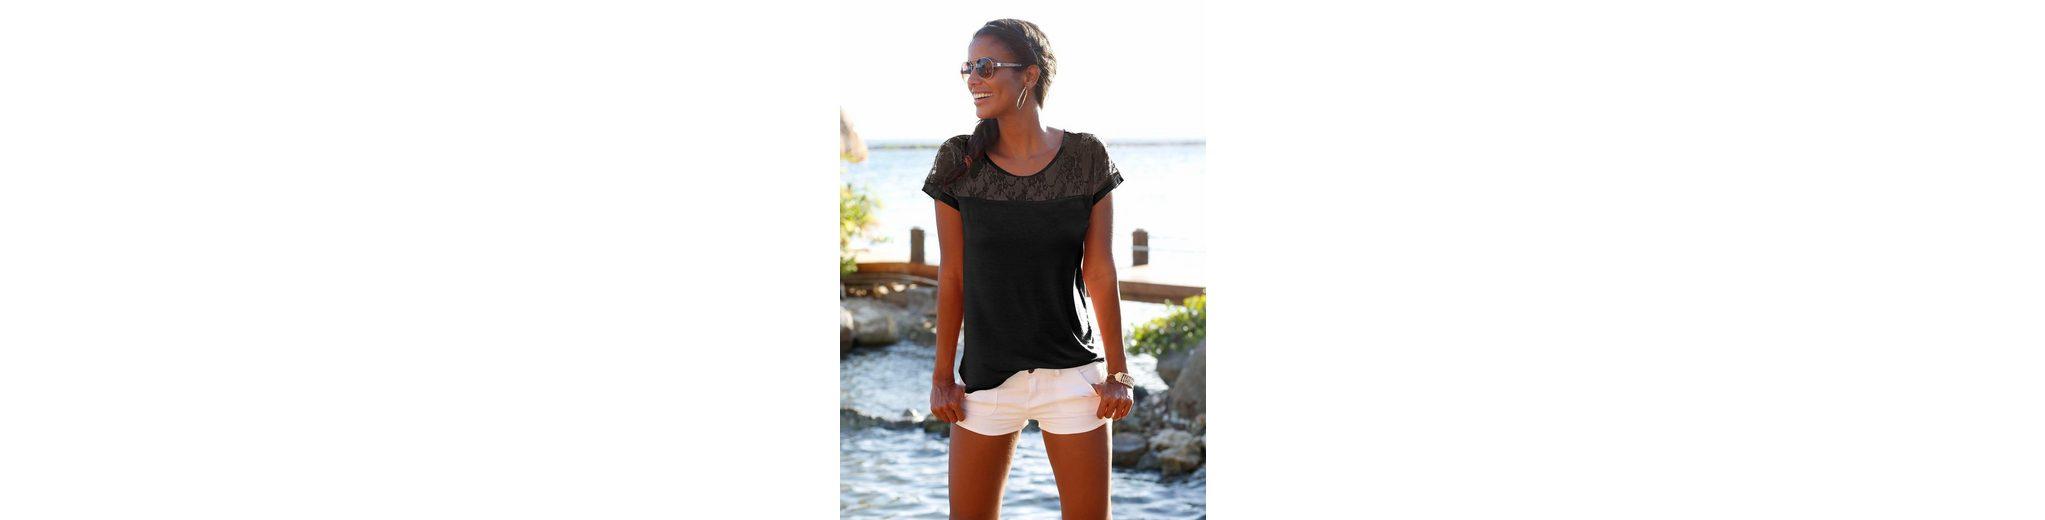 LASCANA Strandshirt mit Spitzeneinsatz Sammlungen OUUM1GHu